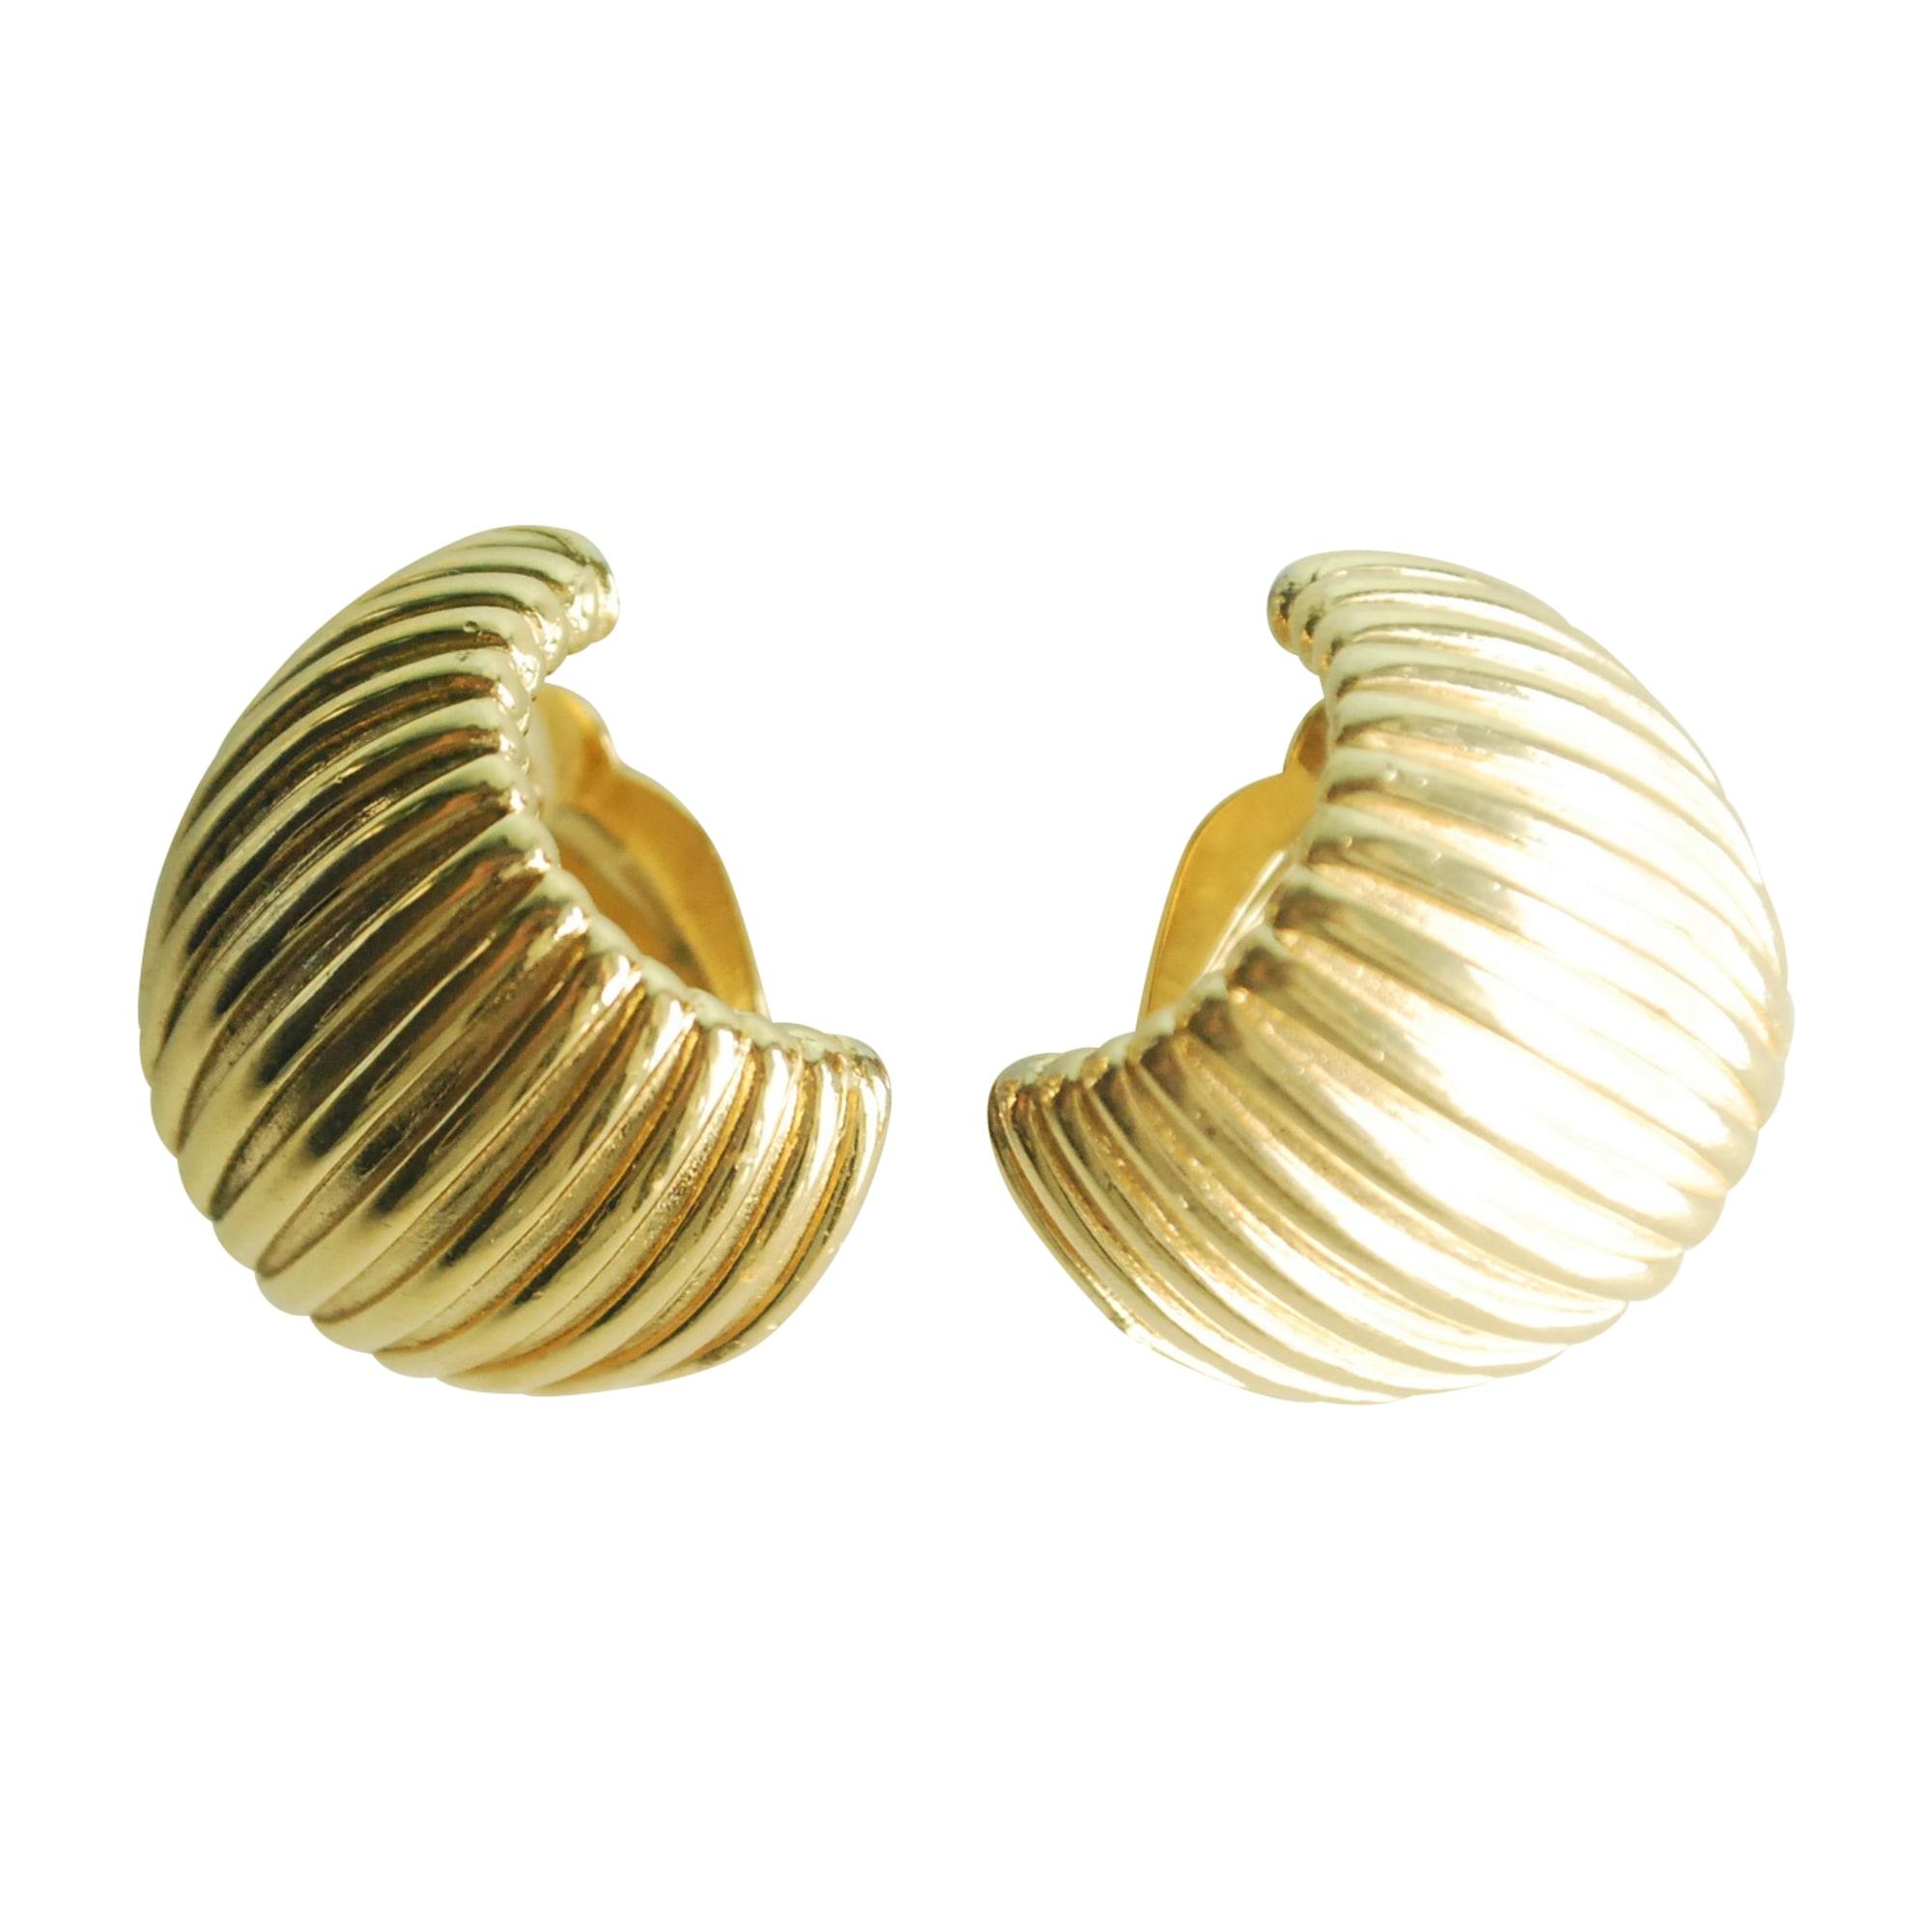 Boucles d'oreille GIVENCHY métal doré